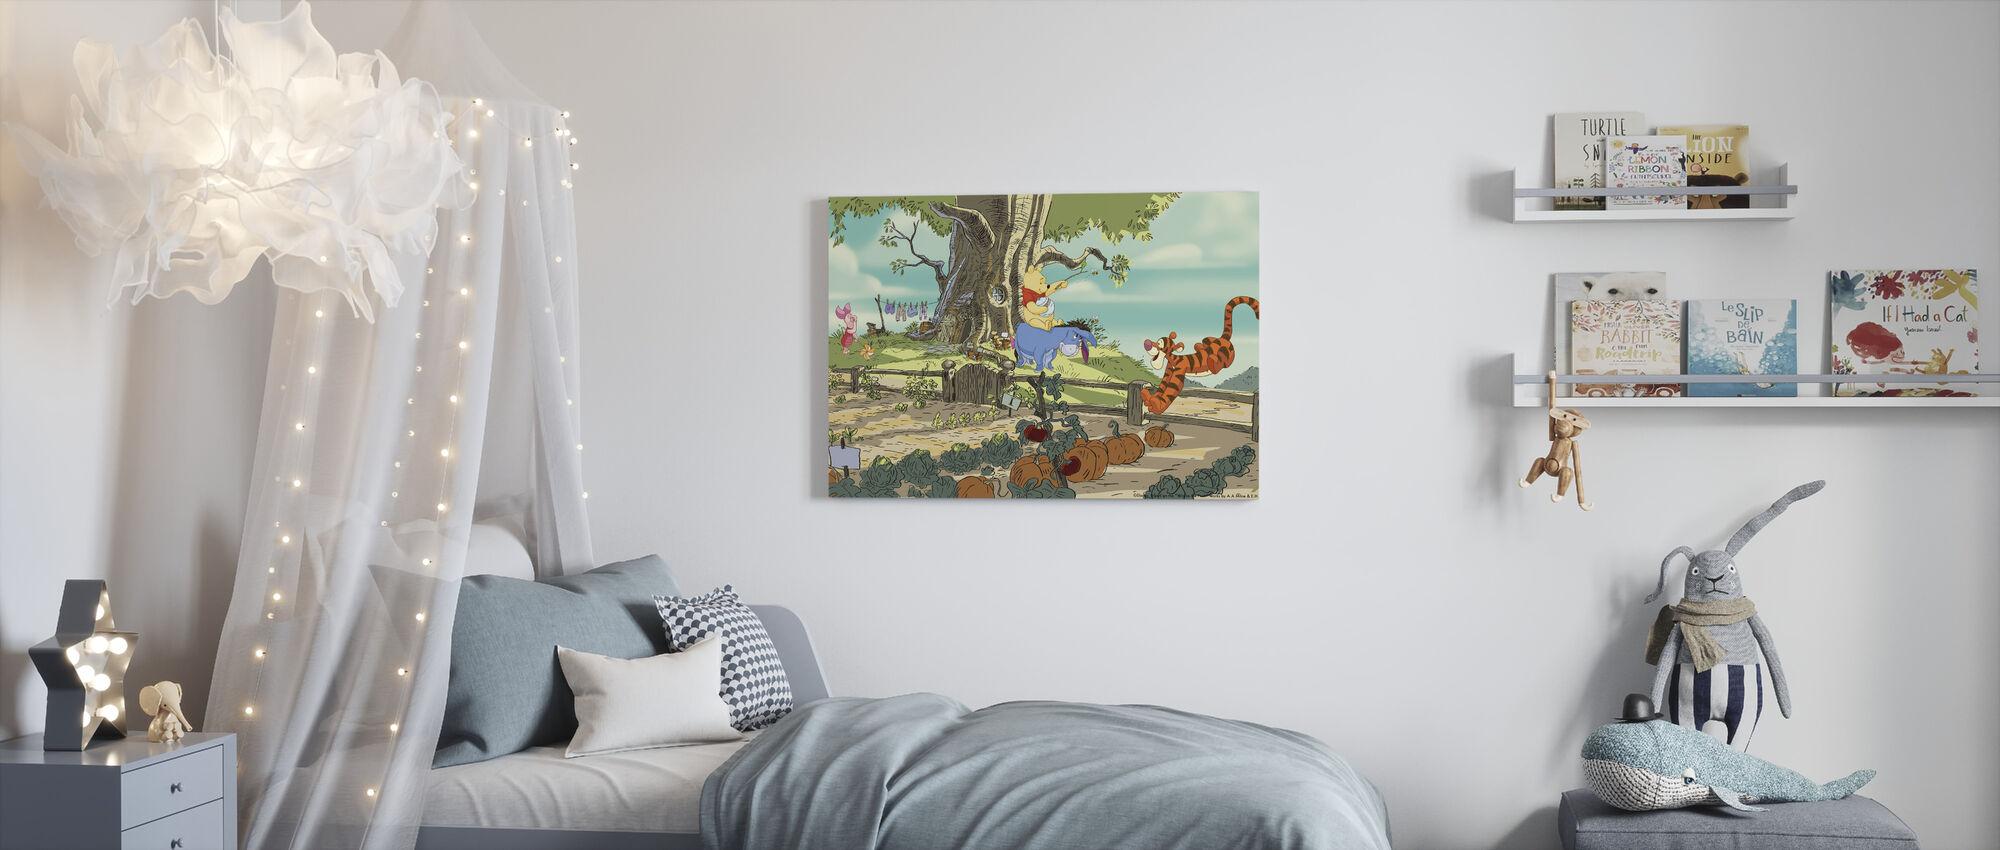 Nalle Puh - Träd House - Canvastavla - Barnrum